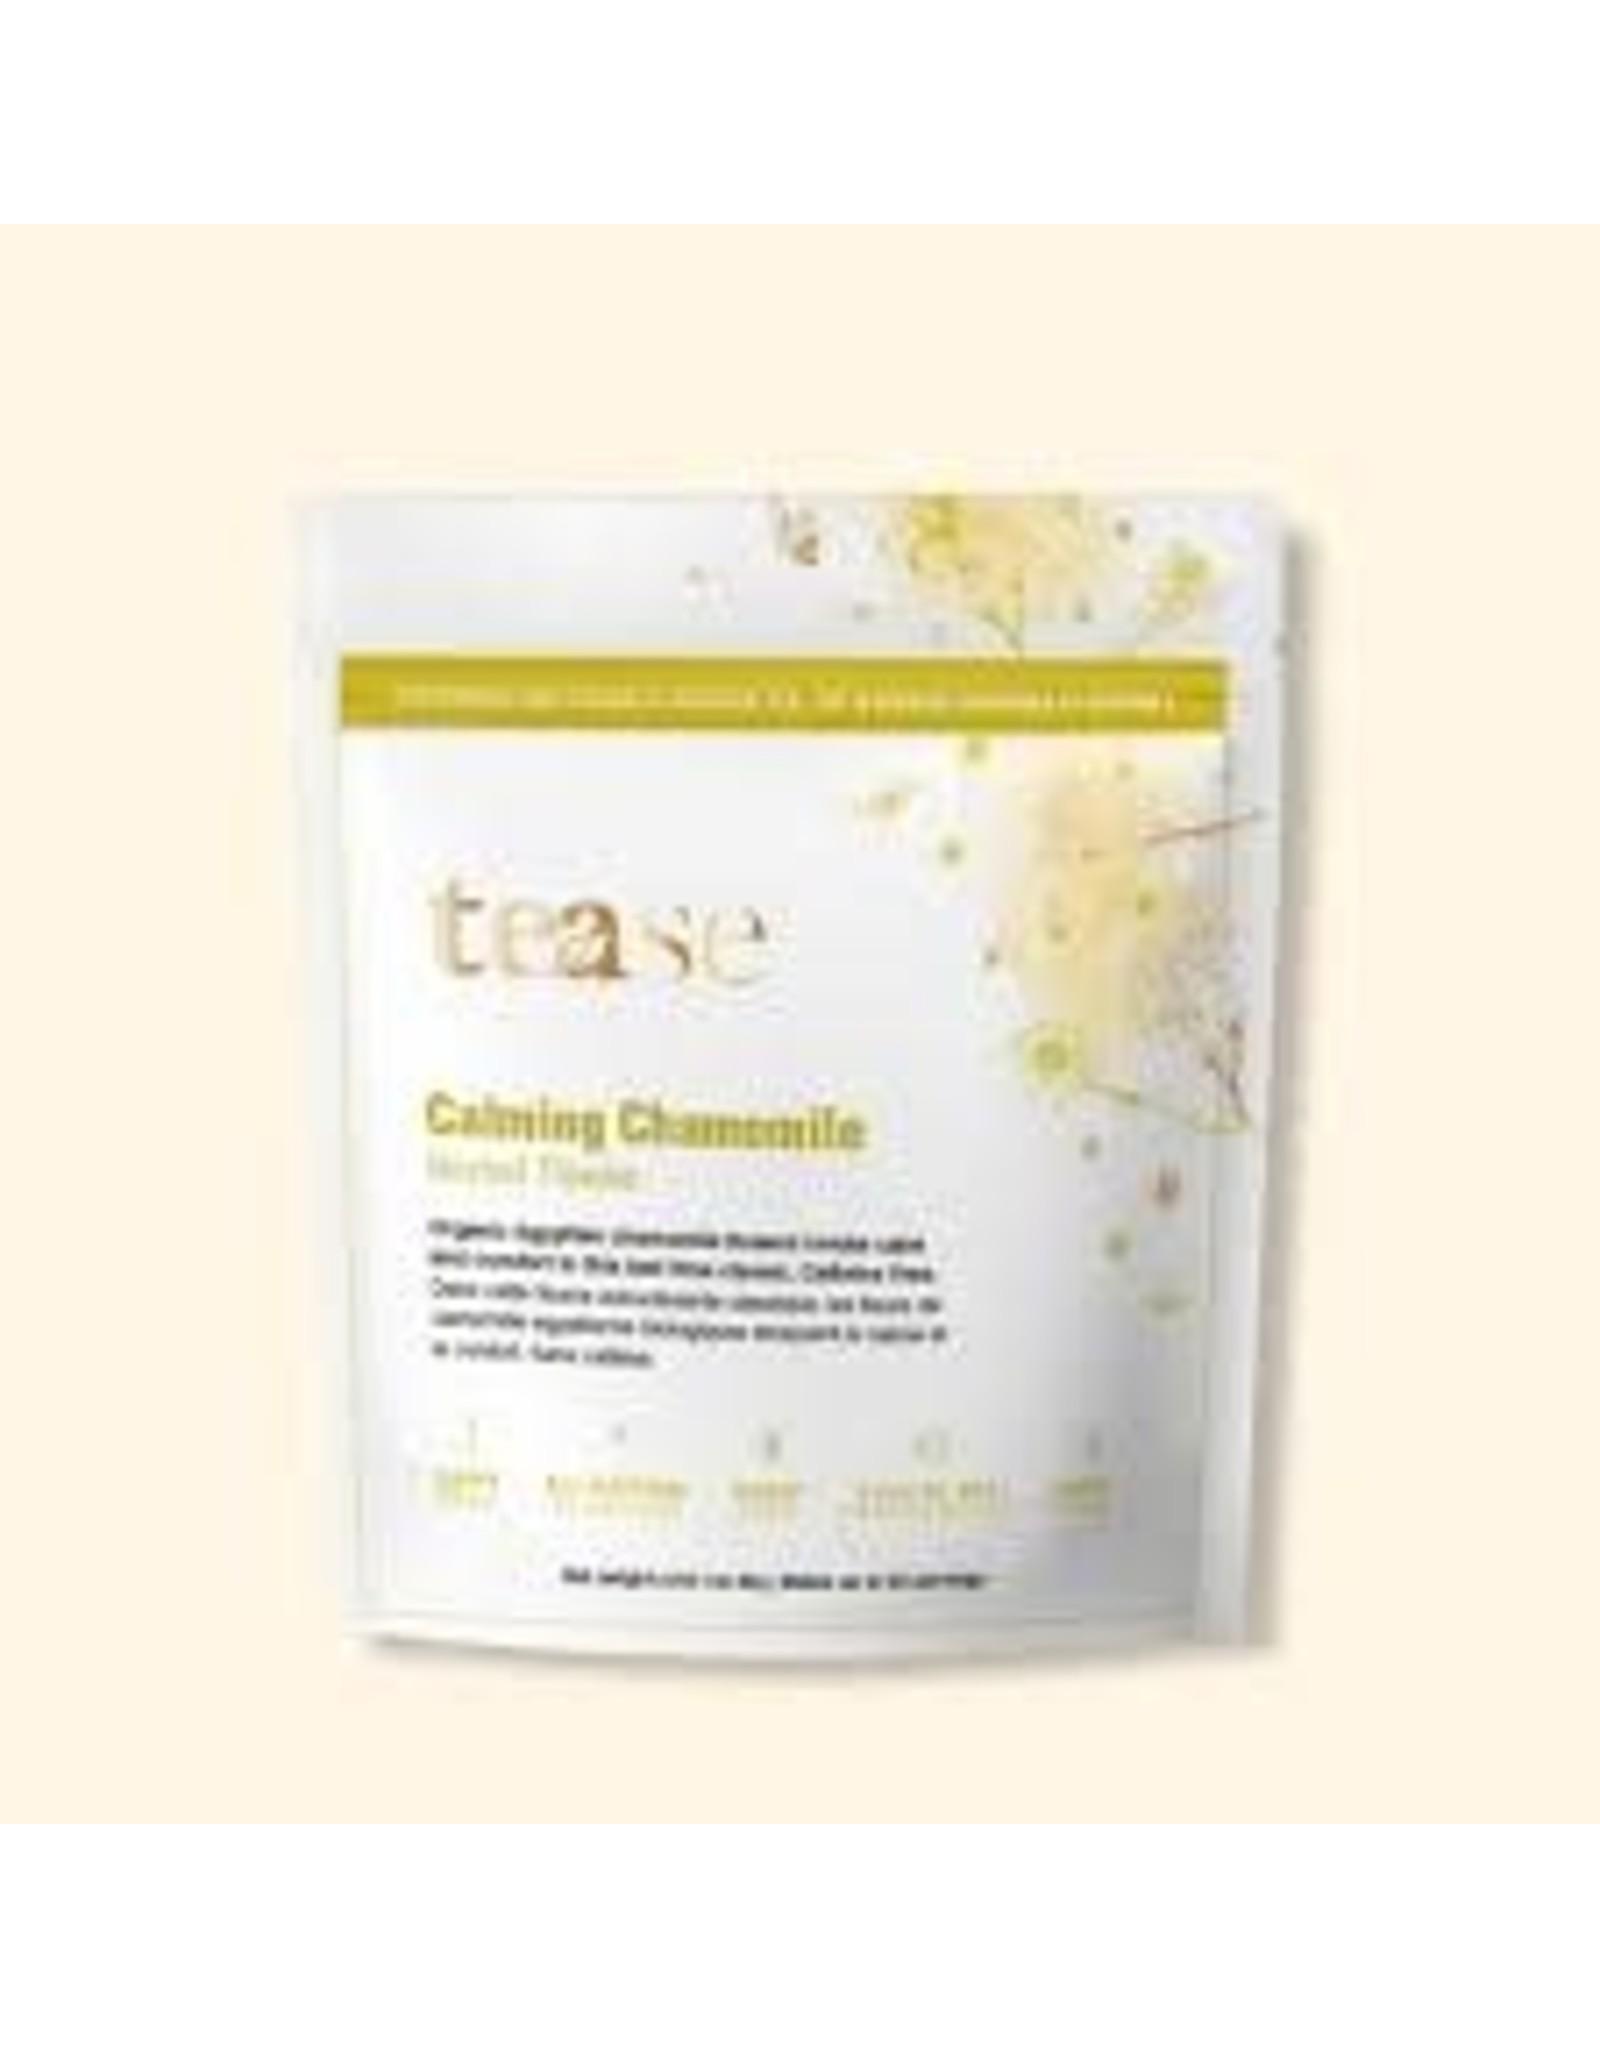 Tease Tea Calming Chamomile Herbal Blend (organic)